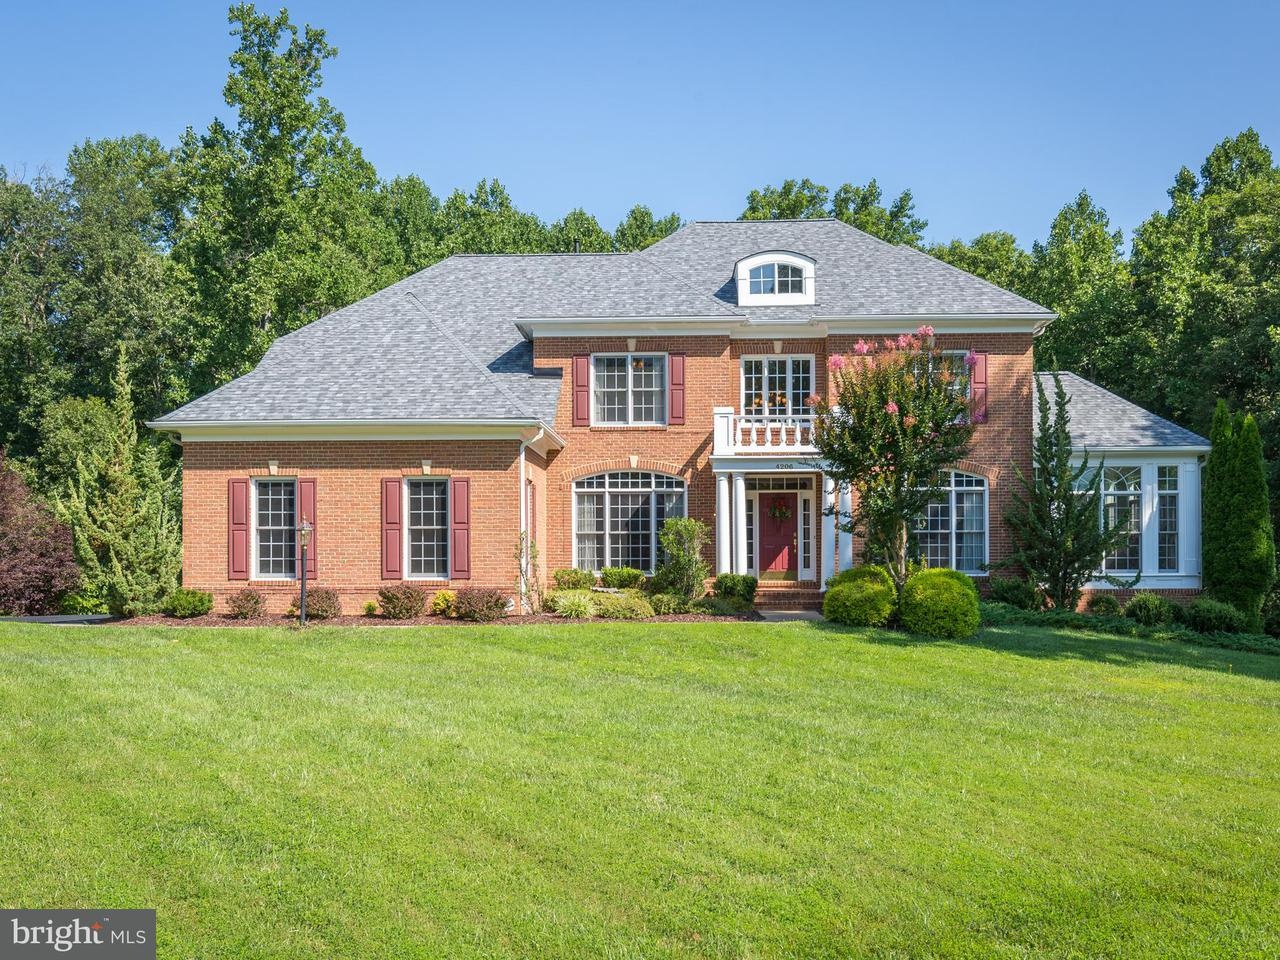 단독 가정 주택 용 매매 에 4206 ROEBURN Court 4206 ROEBURN Court Woodbridge, 버지니아 22192 미국